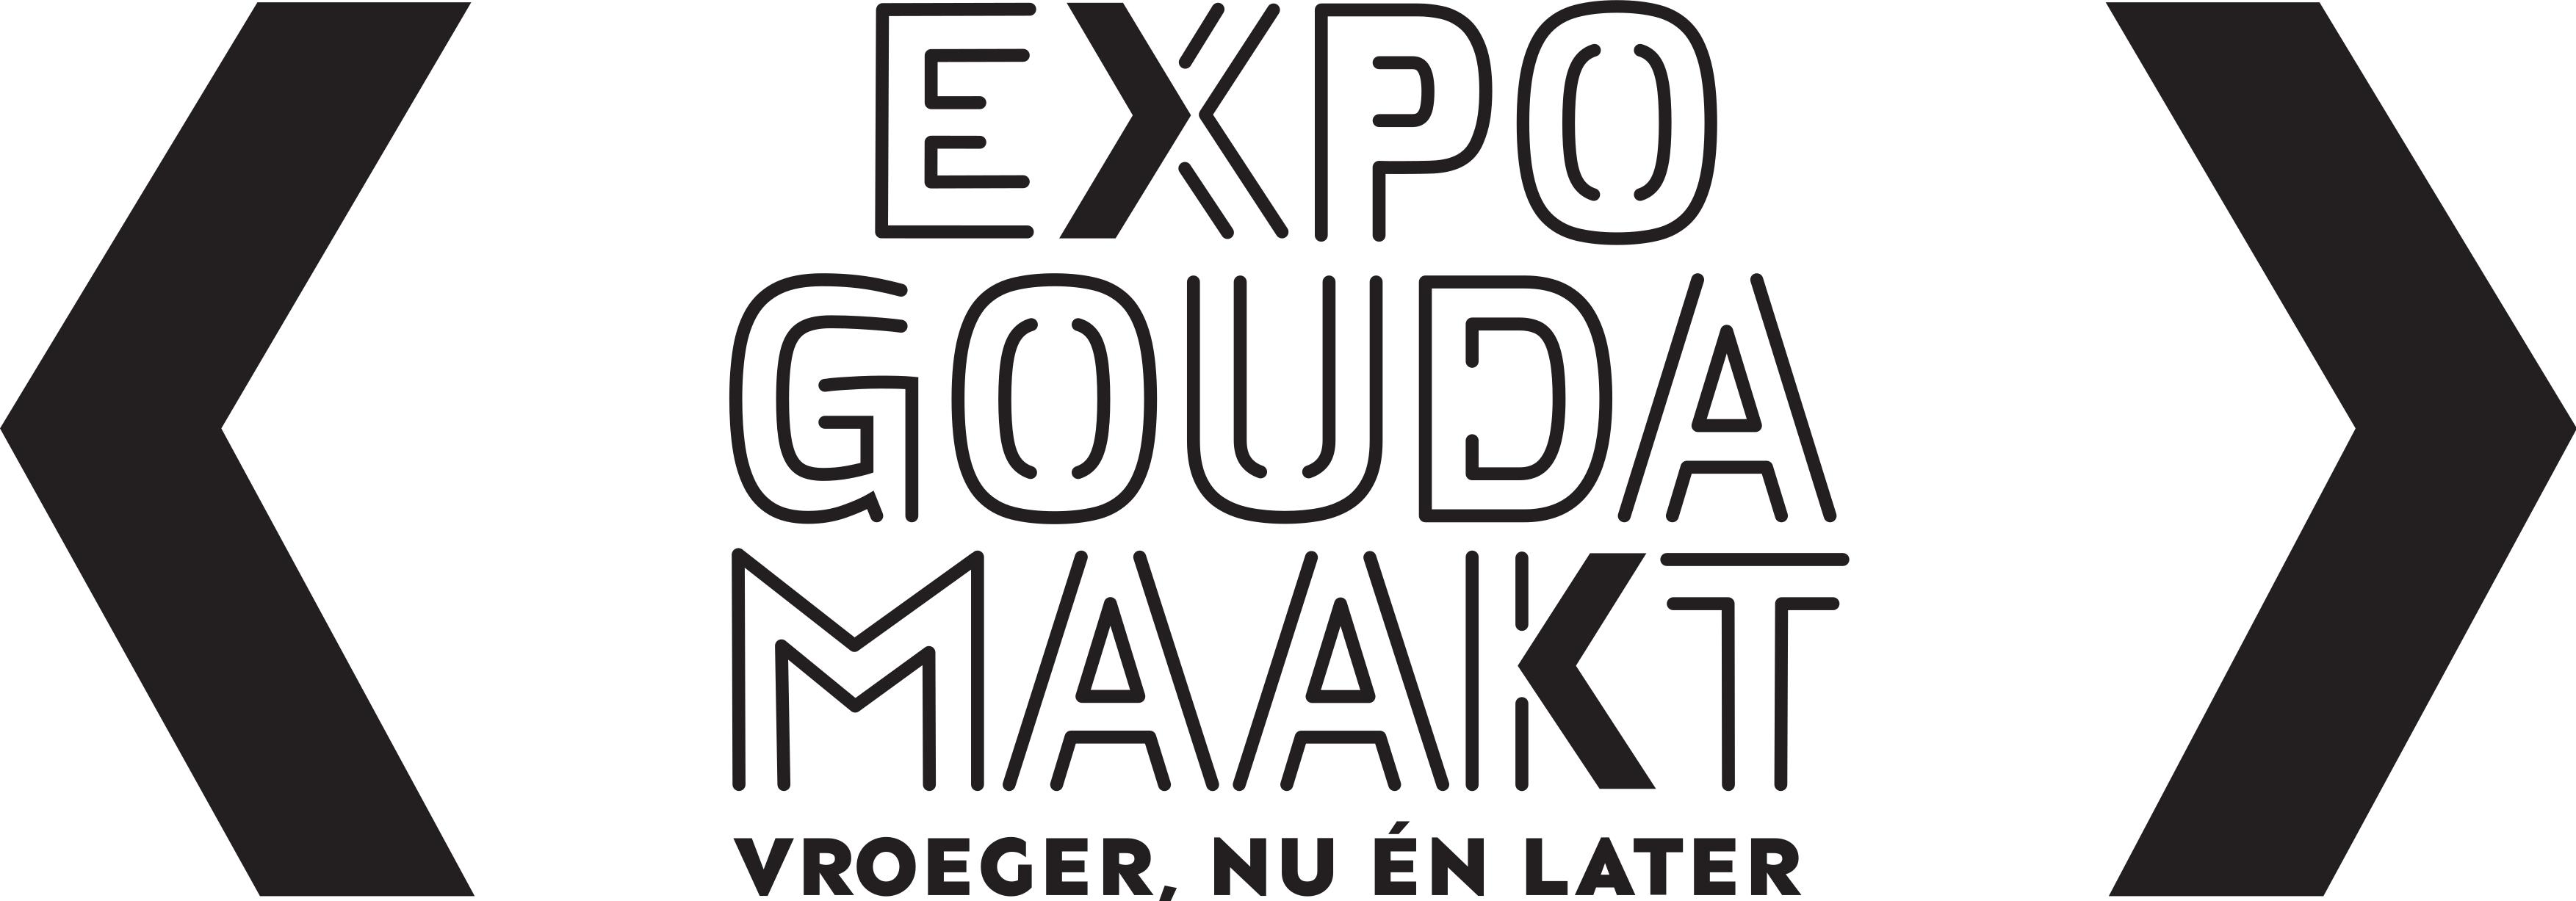 EXPO GOUDA MAAKT  zoekt innovatieve bedrijven!